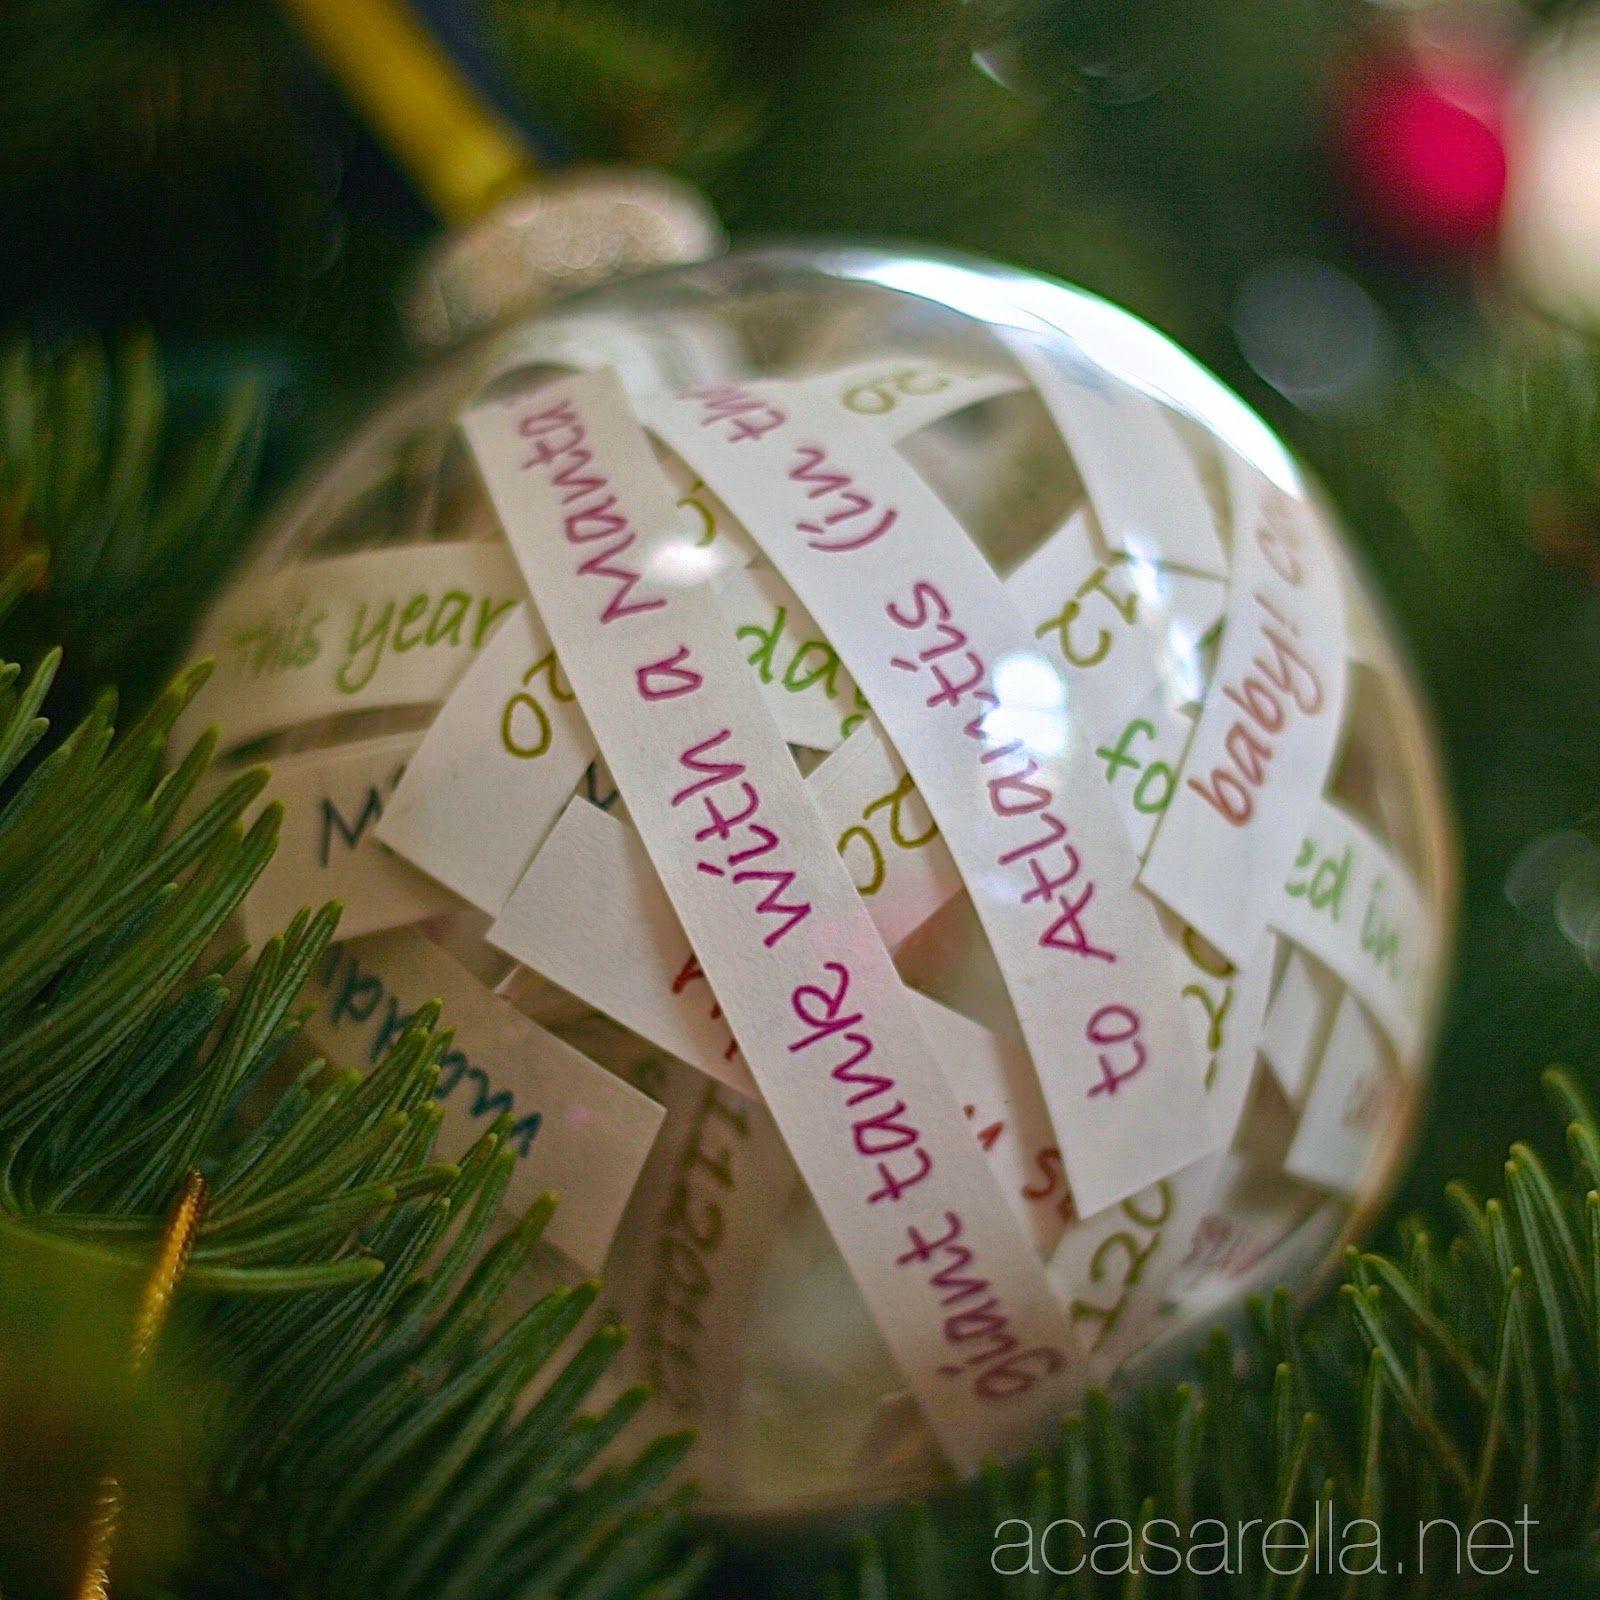 Ornament Full of Memories Ornaments, Memorial ornaments